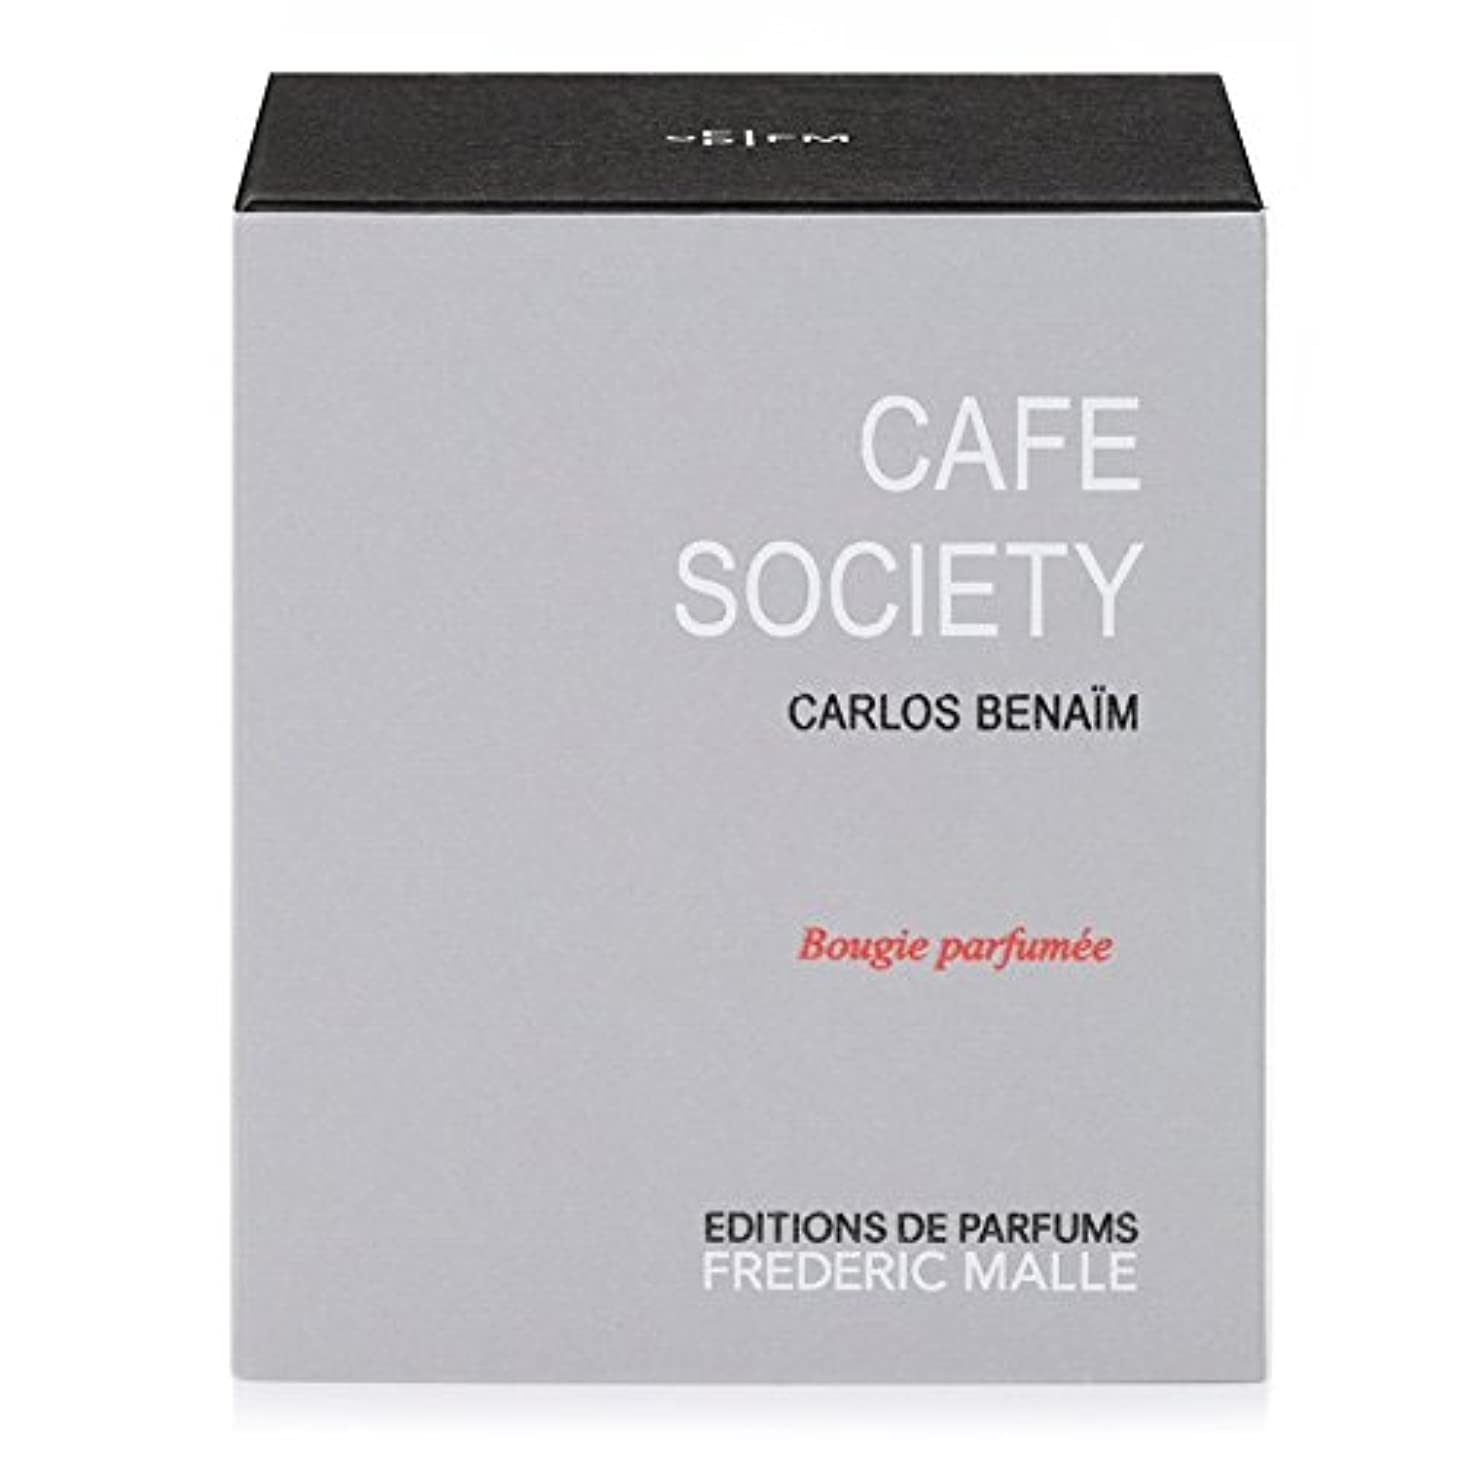 粘土シールファウルFrederic Malle Cafe Society Scented Candle 220g - フレデリック?マルカフェ社会の香りのキャンドル220グラム [並行輸入品]